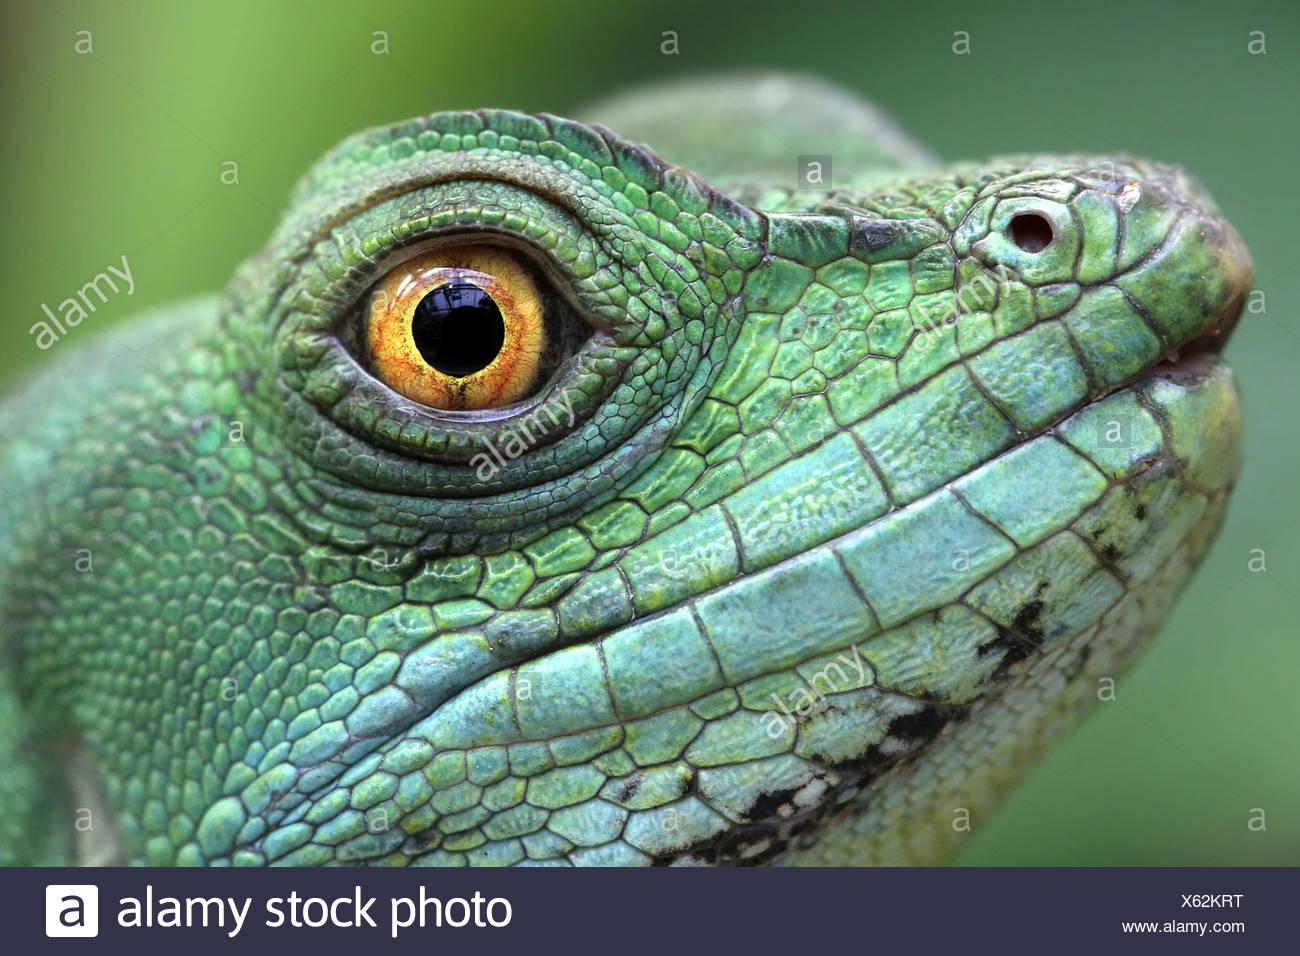 GREEN BASILISK Stock Photo